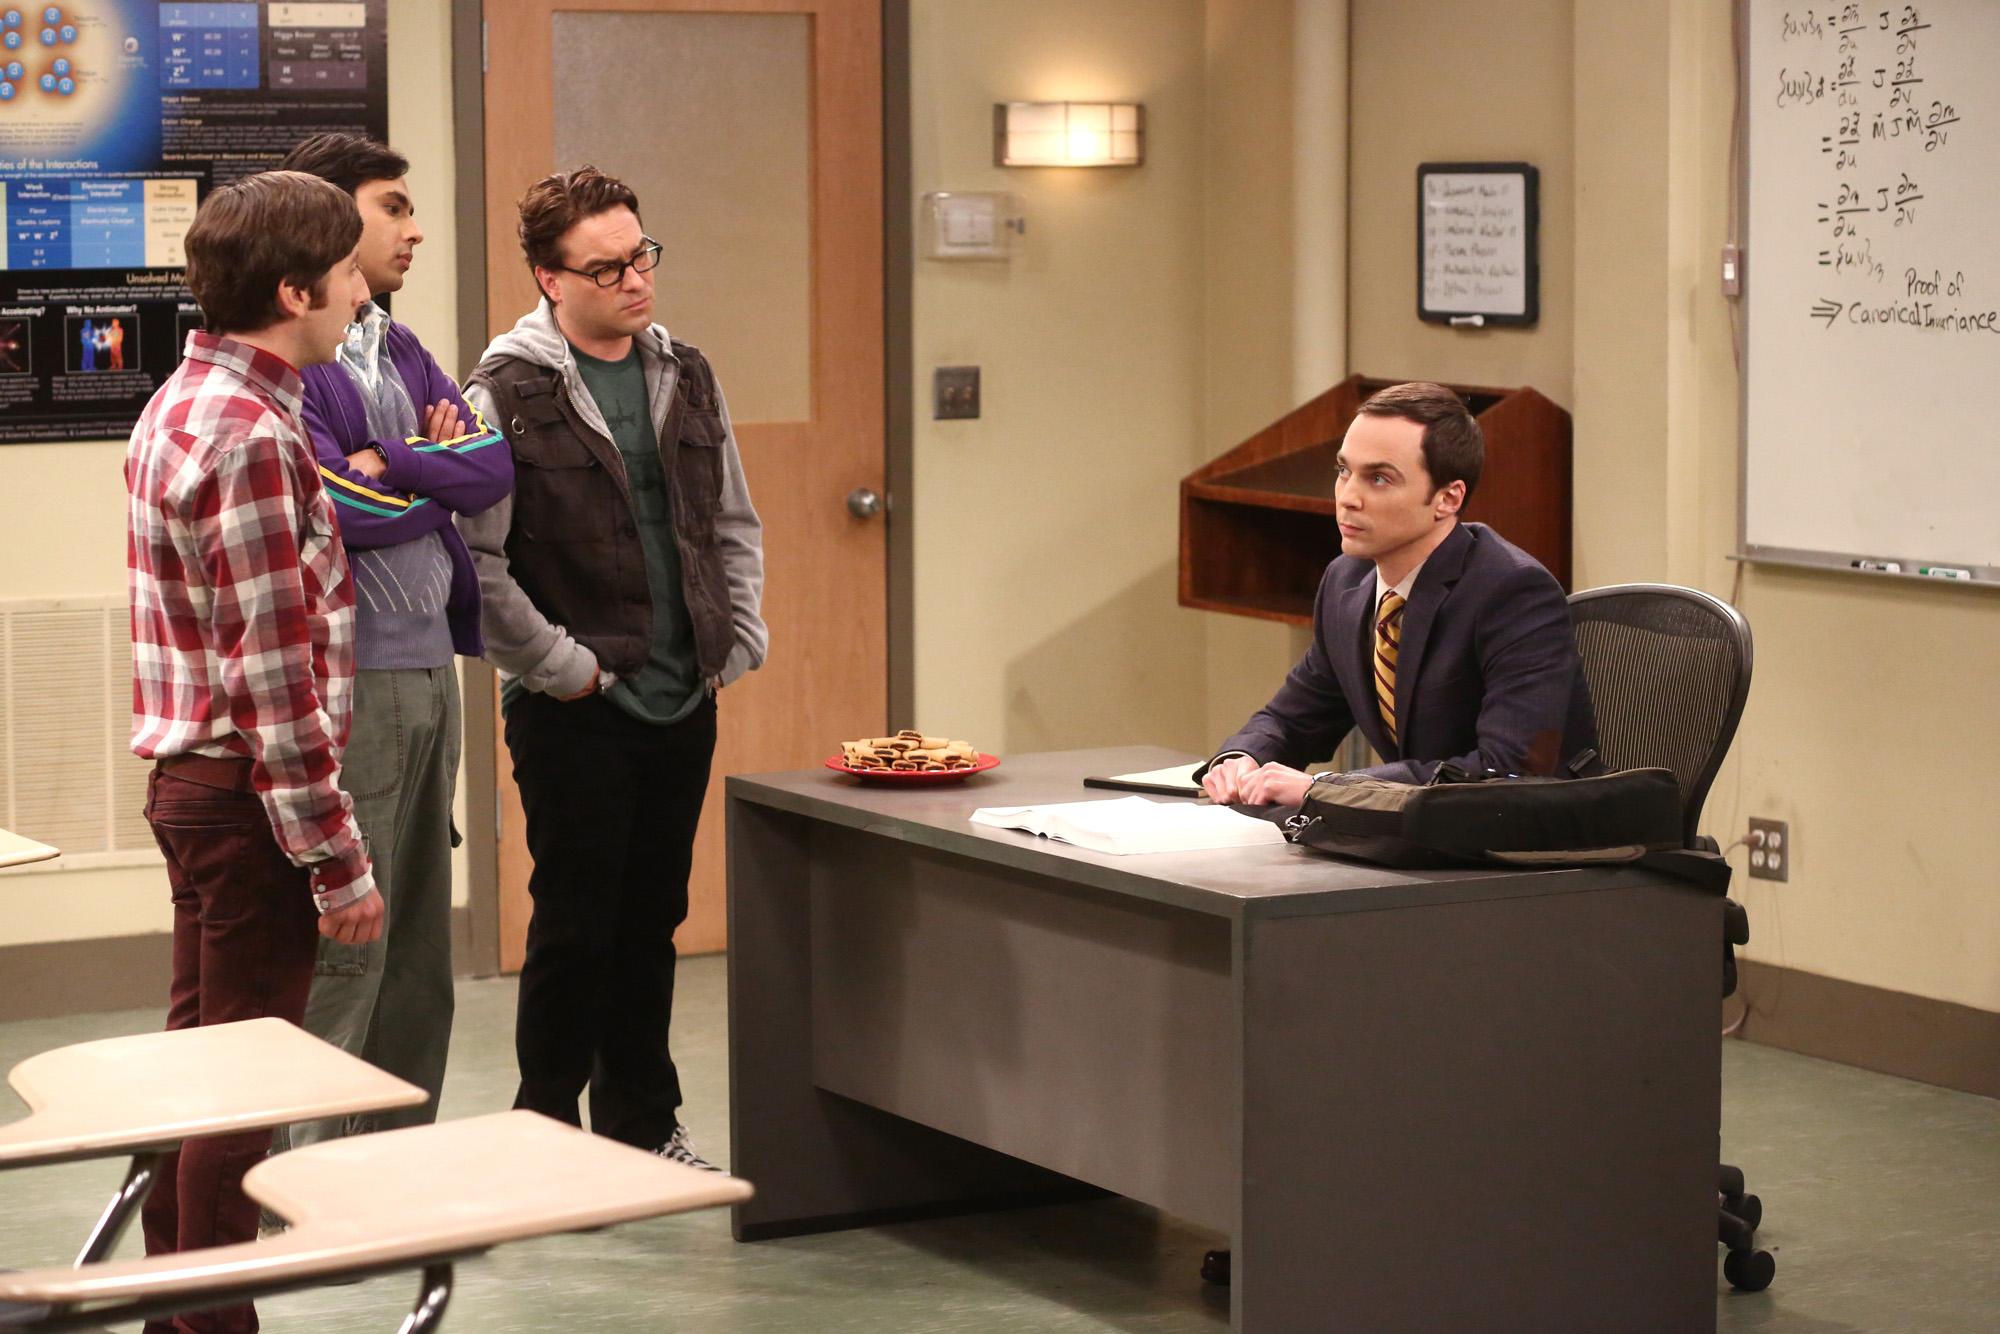 Sheldon the teacher